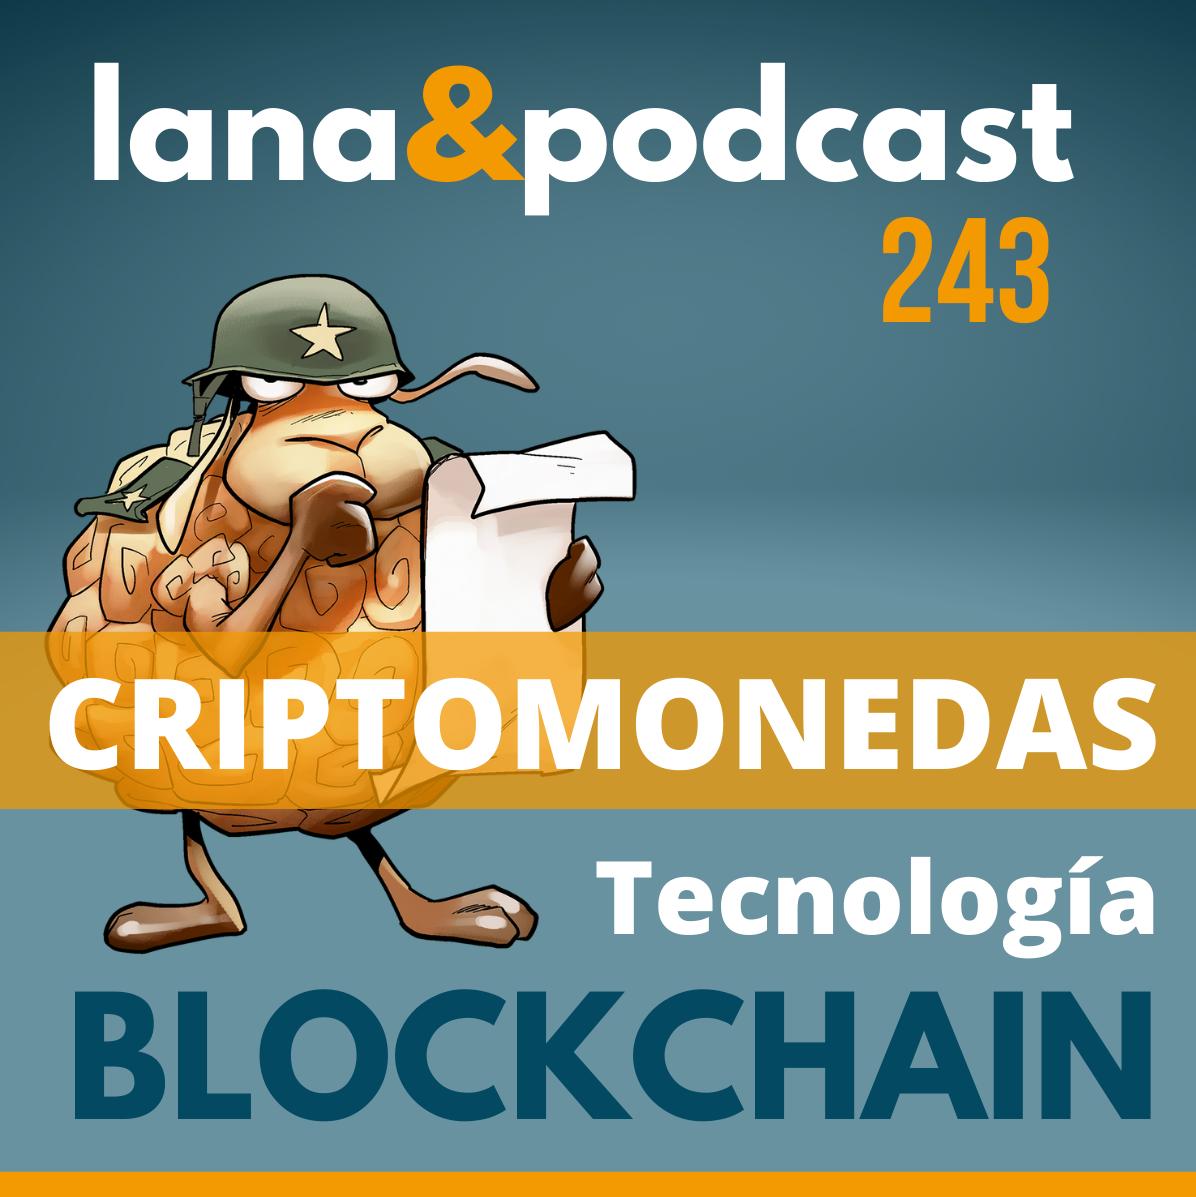 Criptomonedas: La tecnología blockchain #243